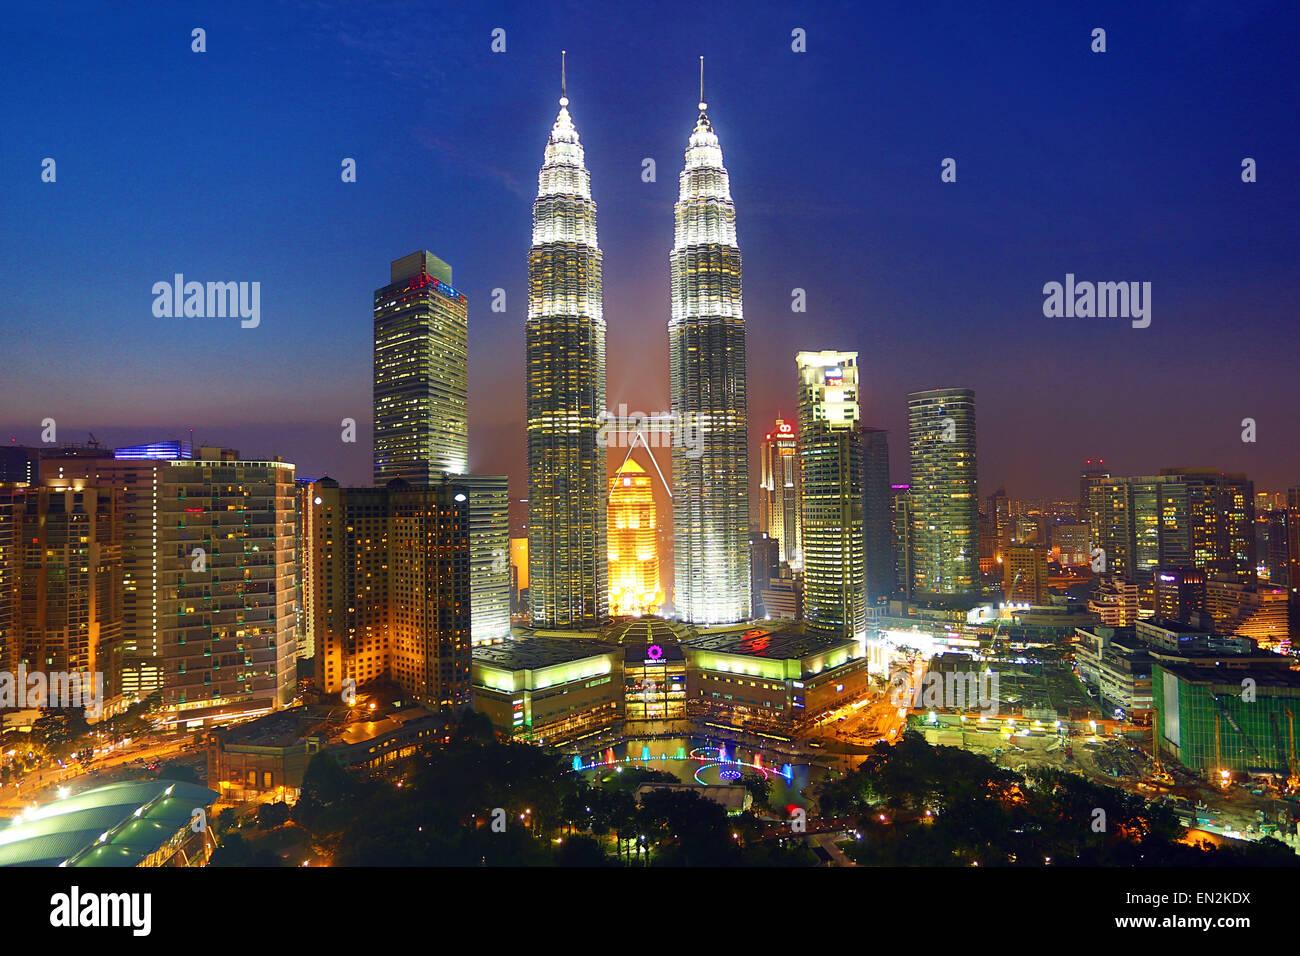 Petronas Twin Towers grattacieli al tramonto, KLCC, Kuala Lumpur, Malesia Immagini Stock